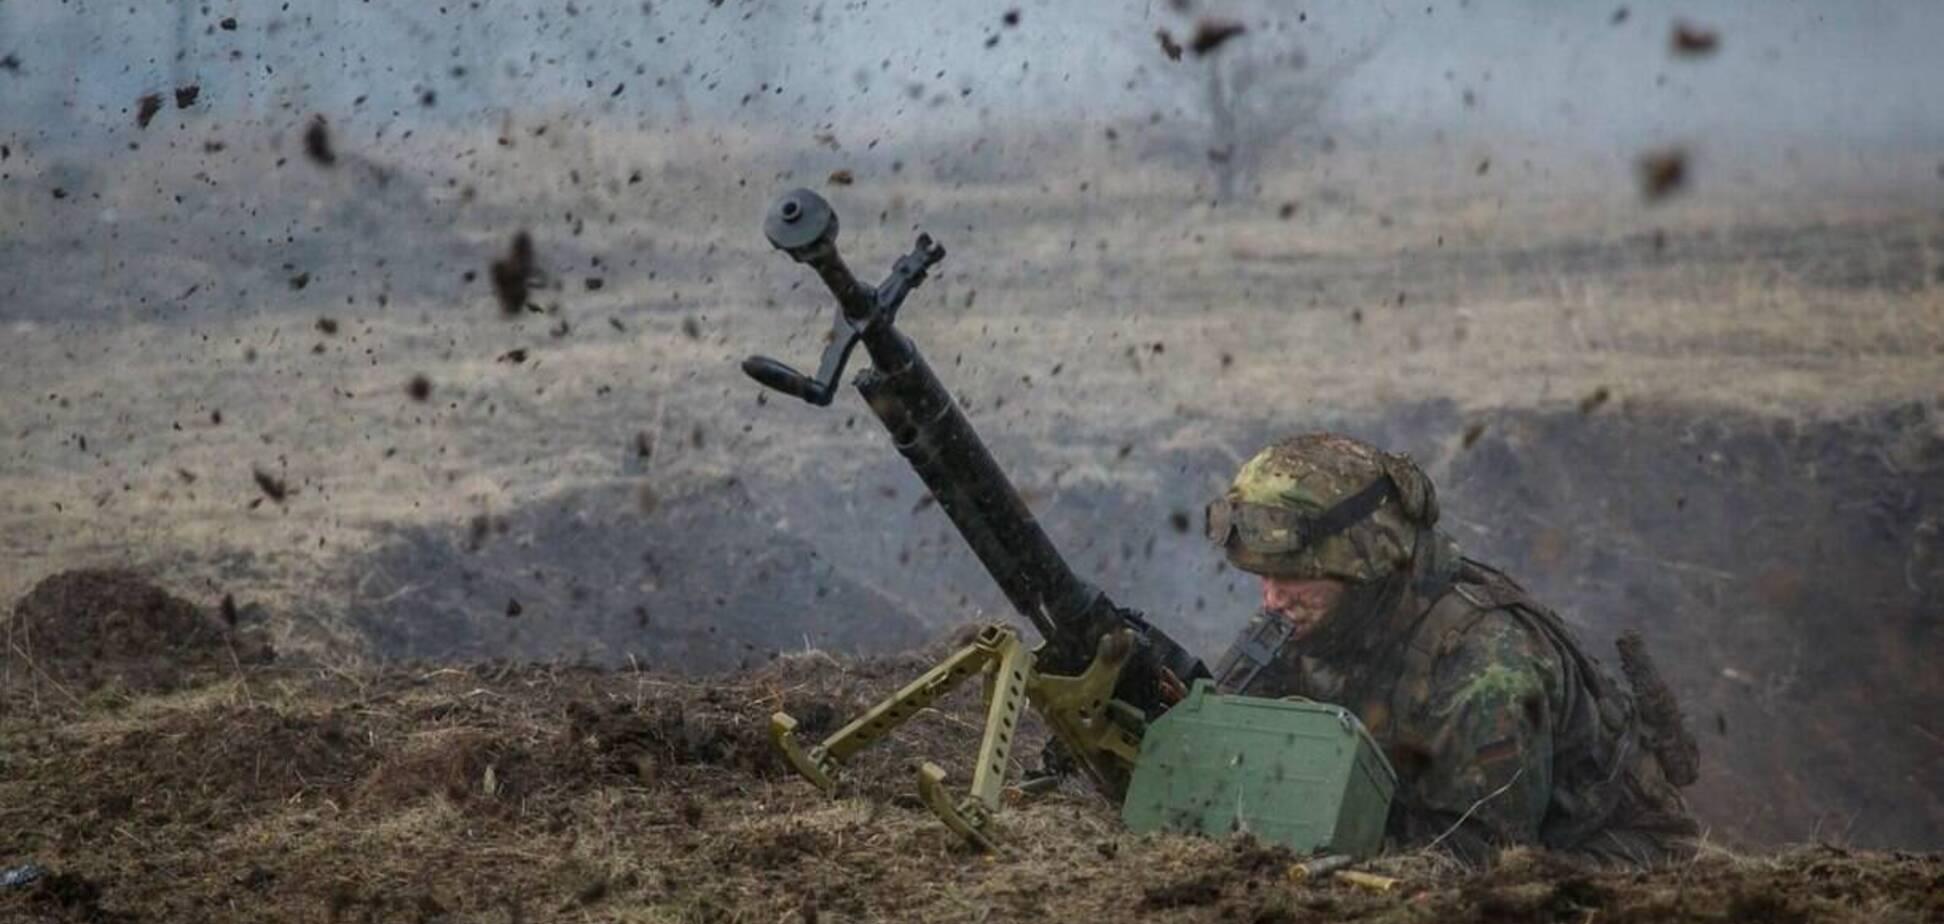 В результате ракетного обстрела на Донбассе ранения получили семь бойцов ВСУ